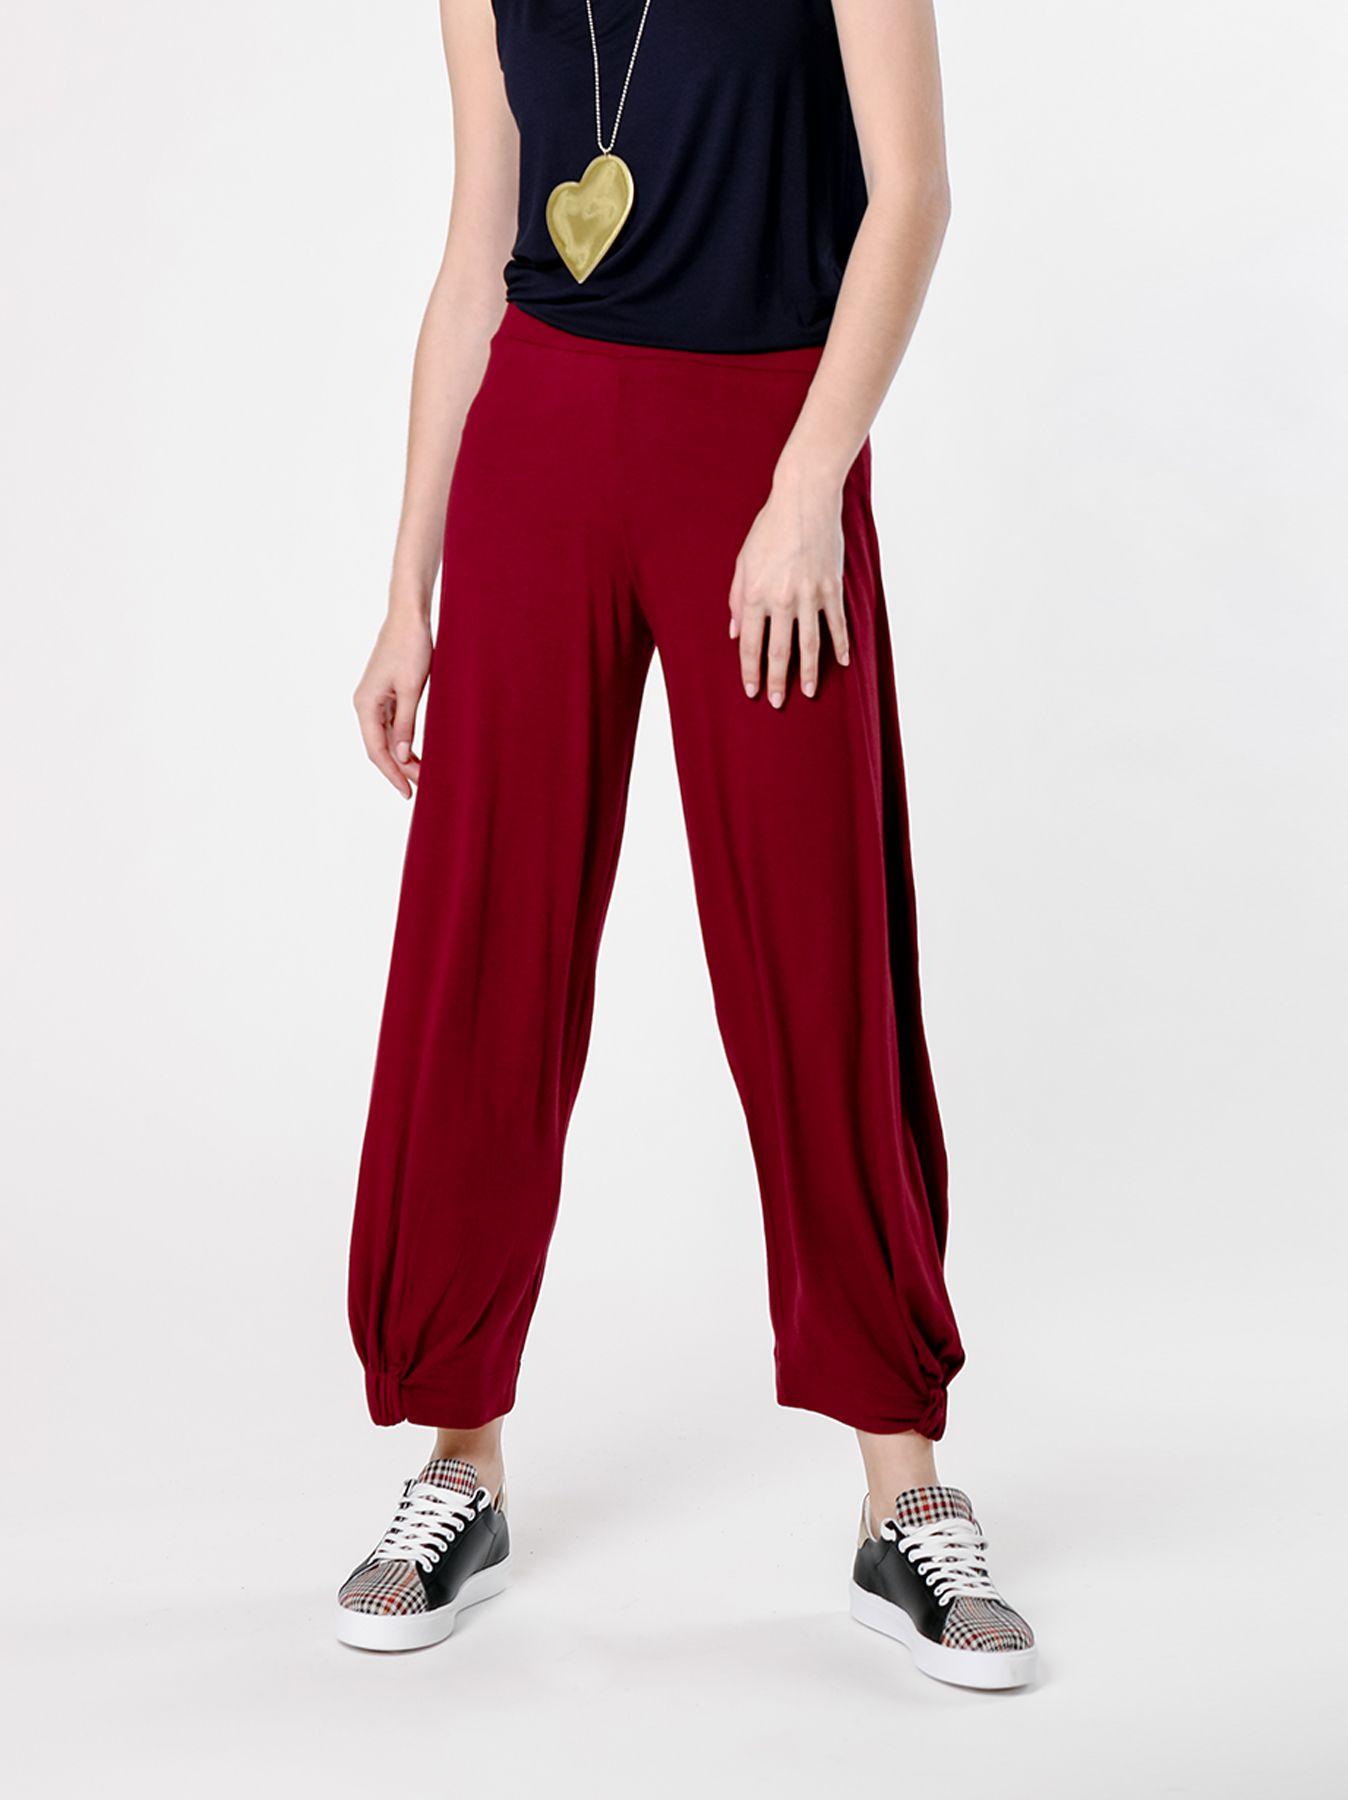 Pantalone morbido